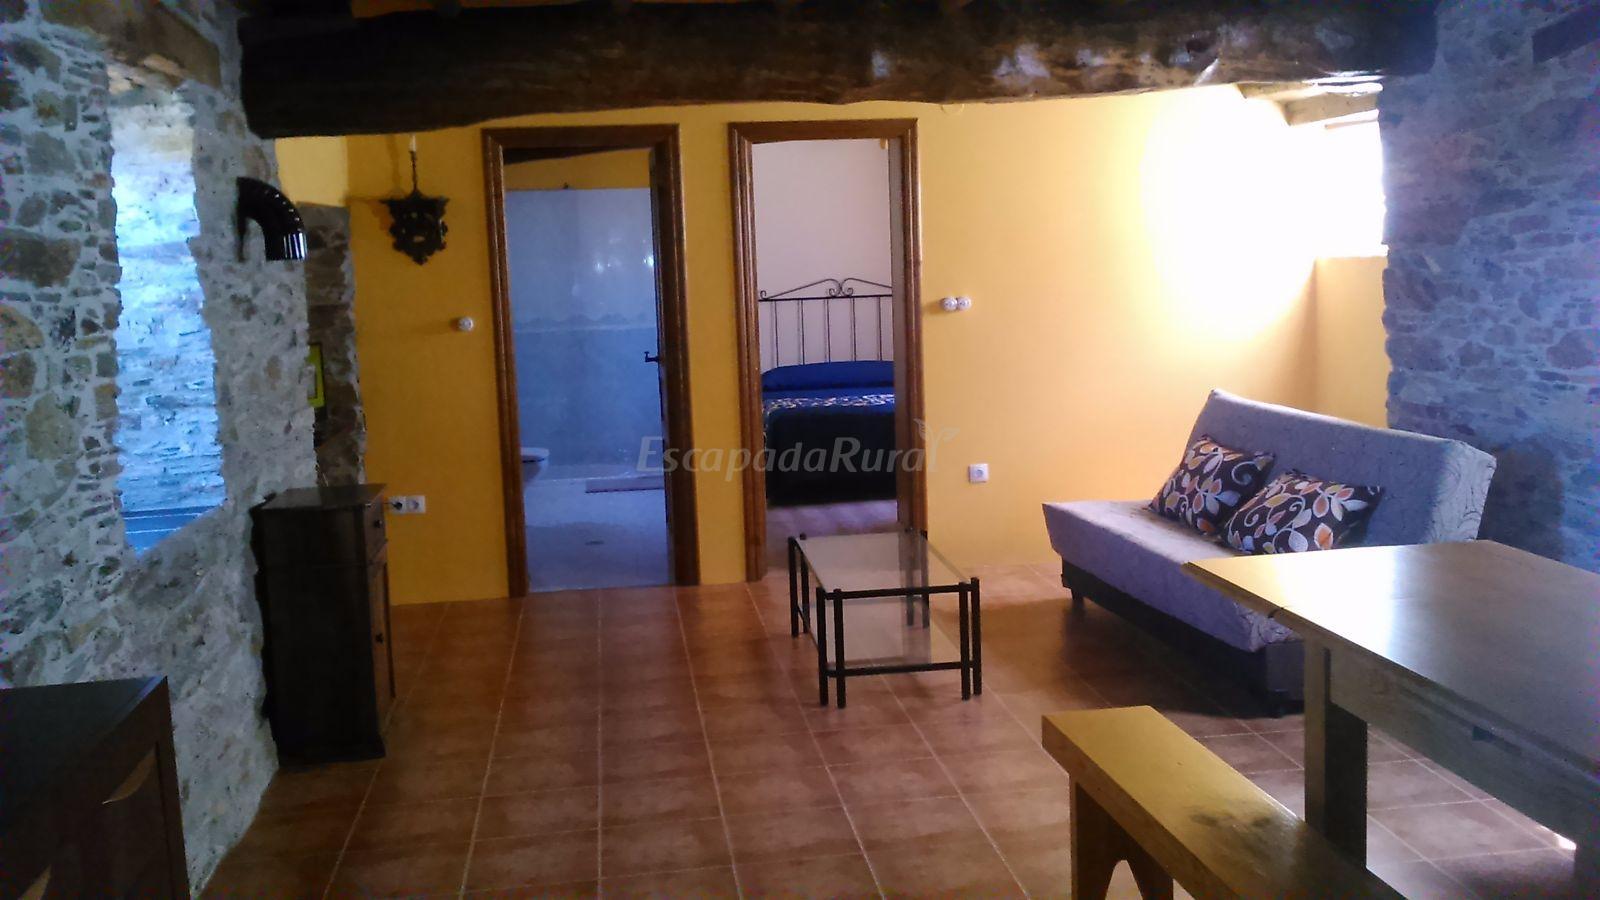 Apartamentos castrovaselle casa rural en tapia de casariego asturias - Apartamentos baratos asturias ...